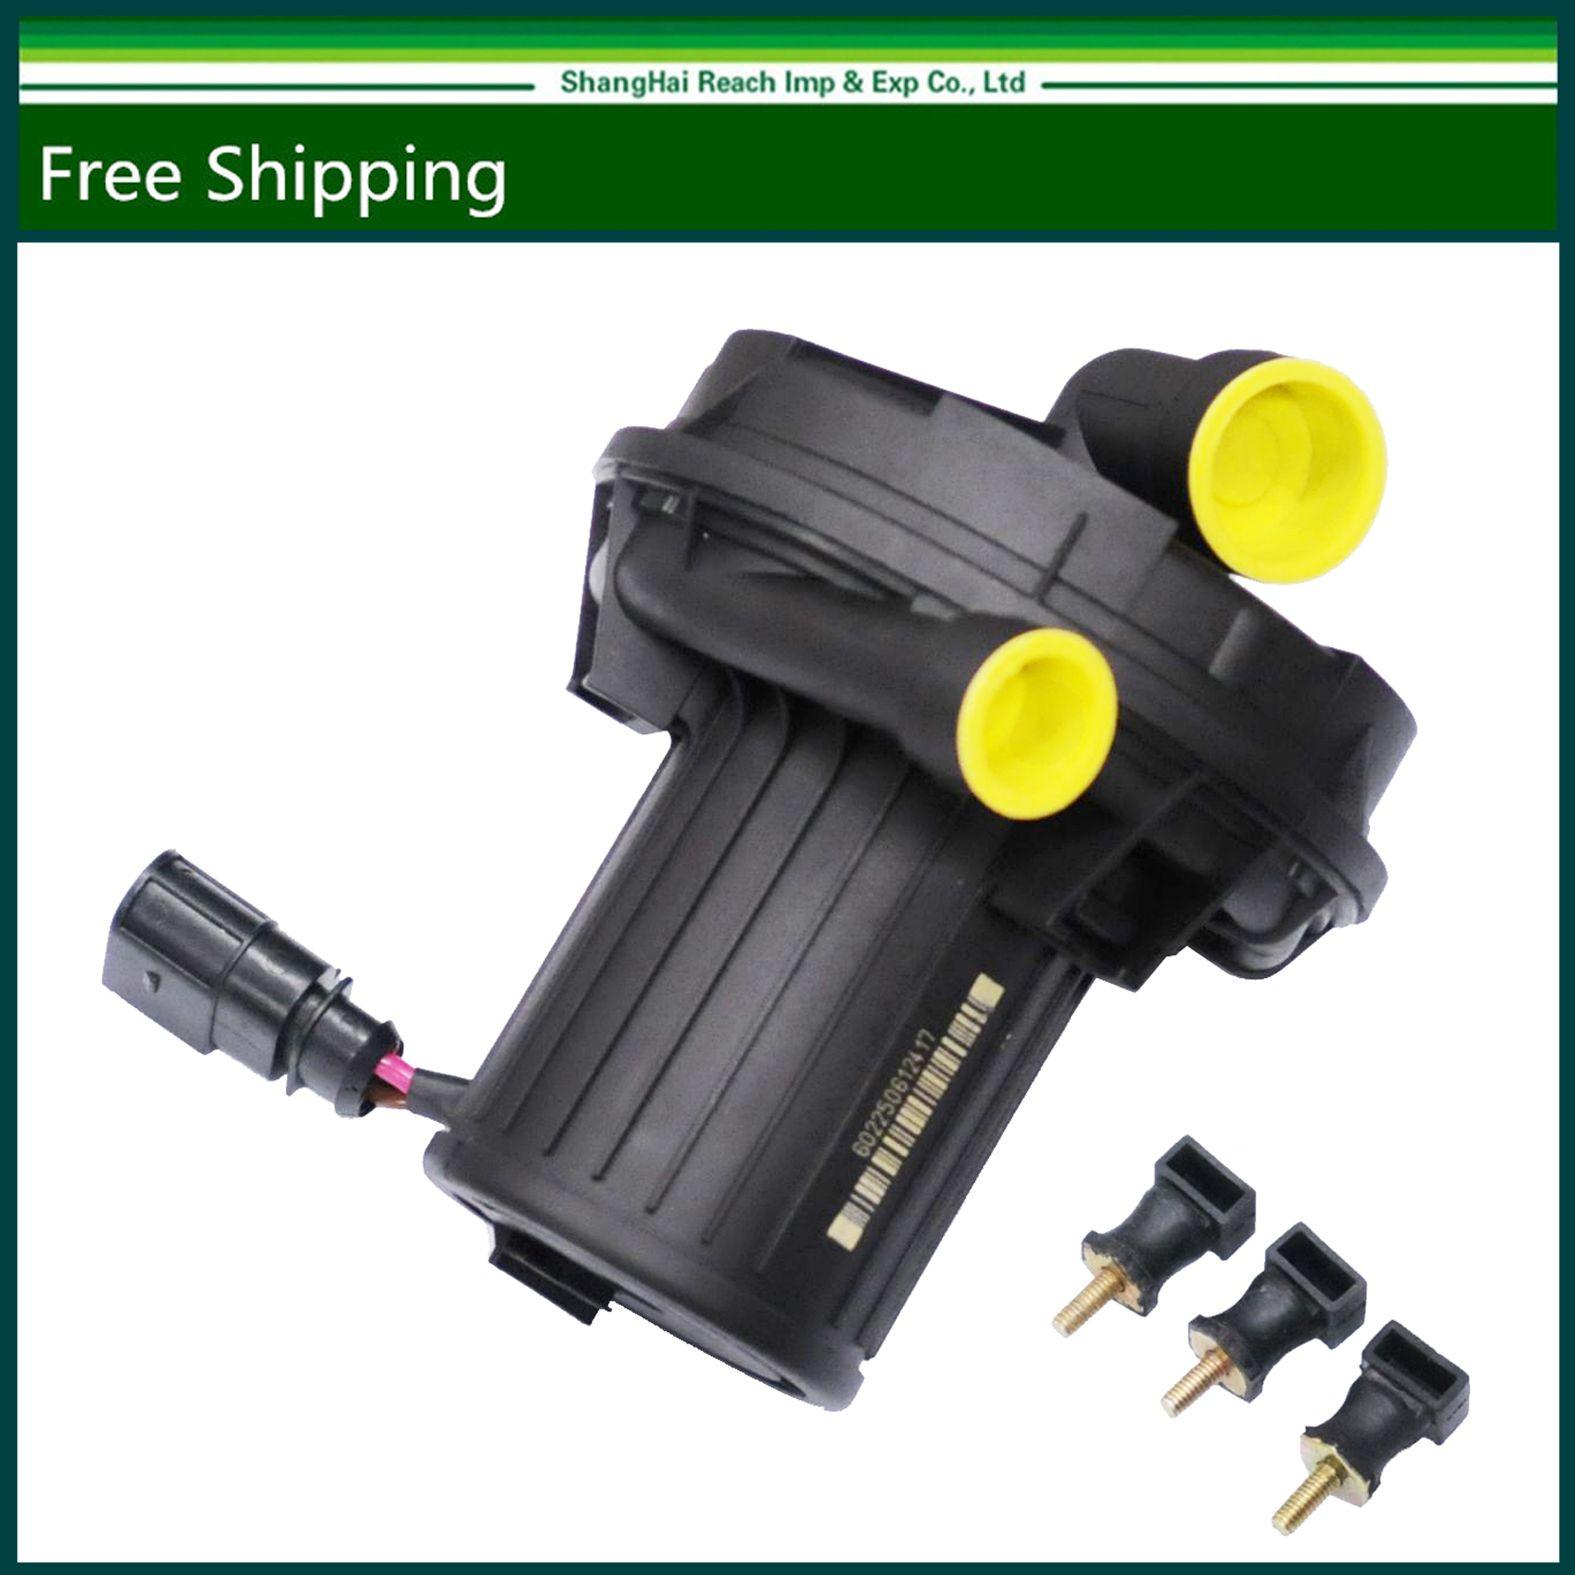 e2c Secondary Air Pump Smog Air Pump  For Audi A4 A6 A8 Q7 VW OE#:06A959253B,06A959253A,06A959253E,078906601E,06A959253B